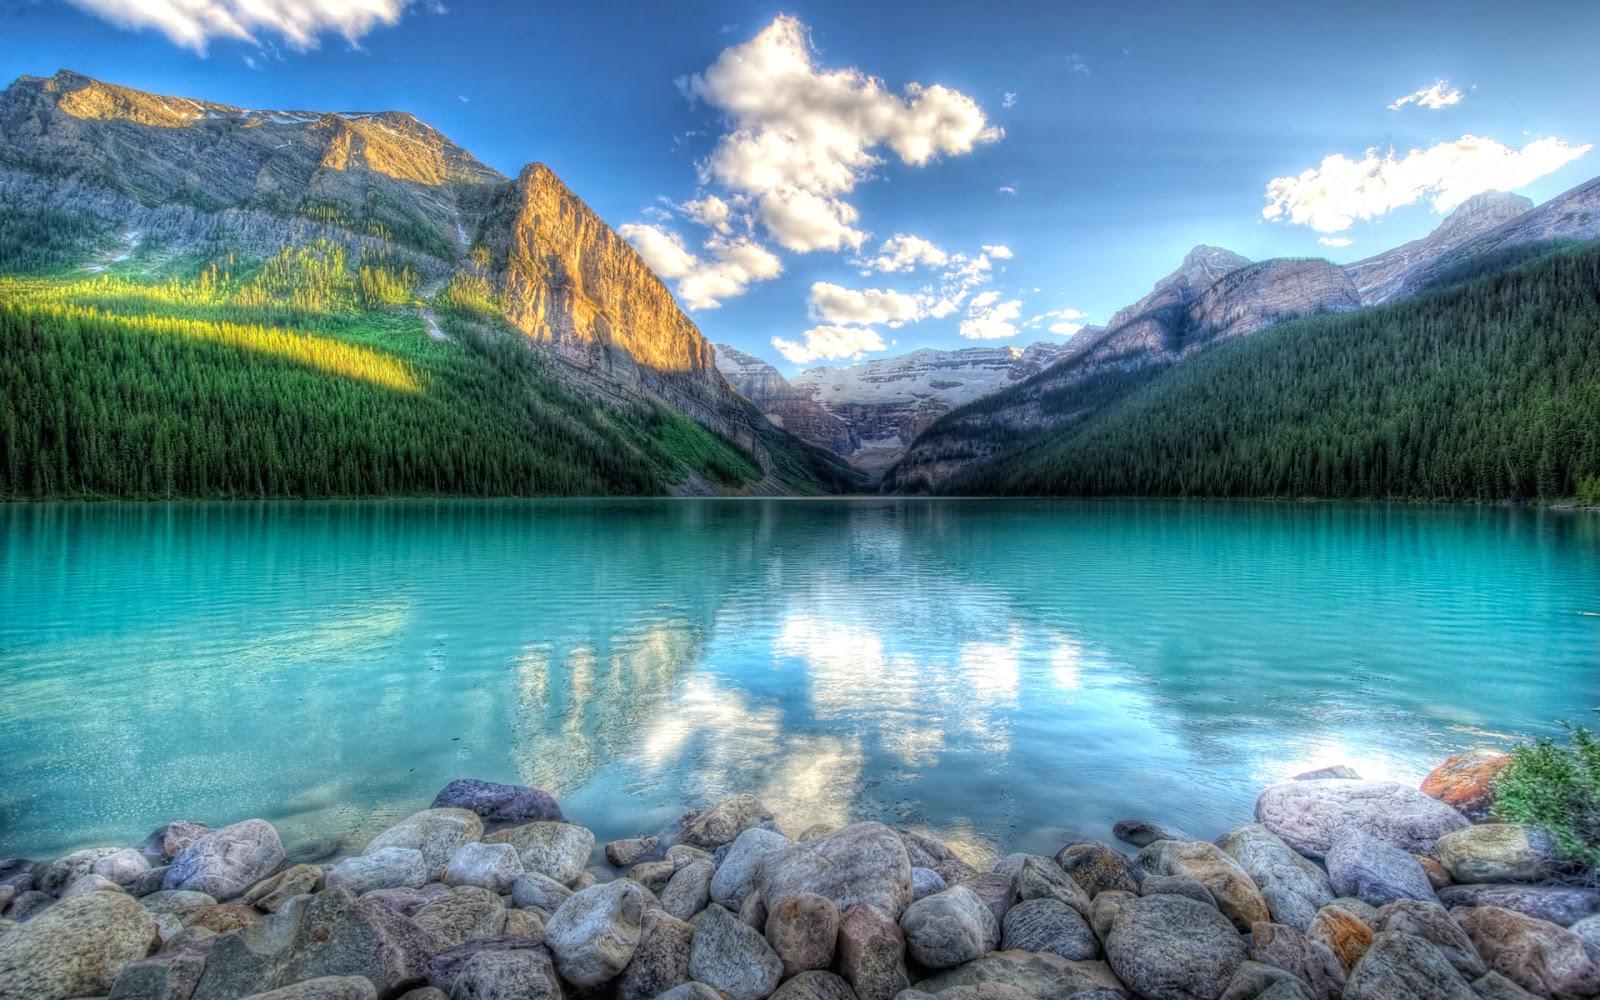 بالصور خلفيات الطبيعة , اجمل صور المناظر طبيعيه وخلابة 2665 3